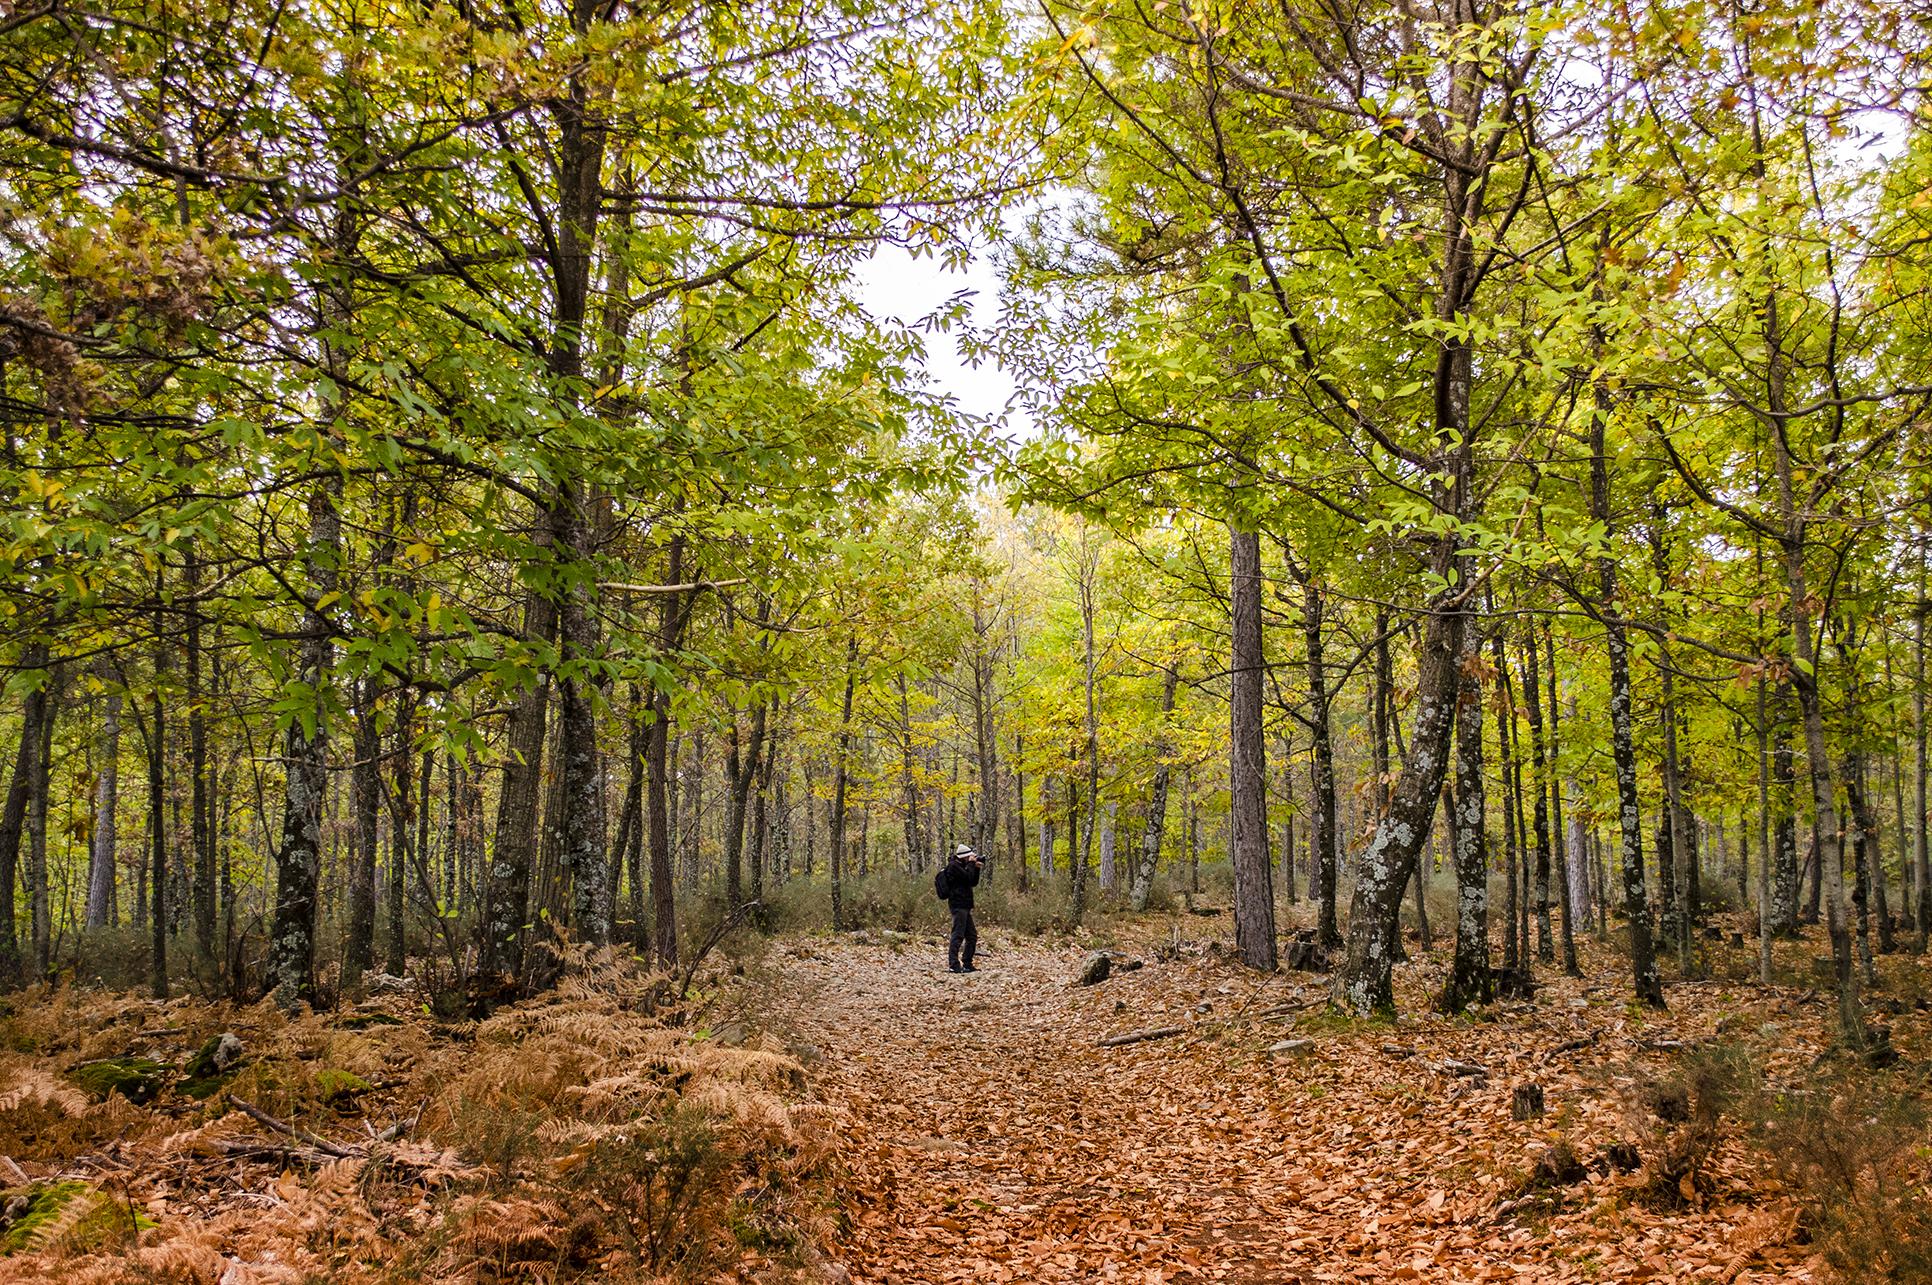 8 bosques en los que disfrutar del otoño - Castañar del Tiemblo | Foto:  Dolores Giraldez | Dreamstime.com